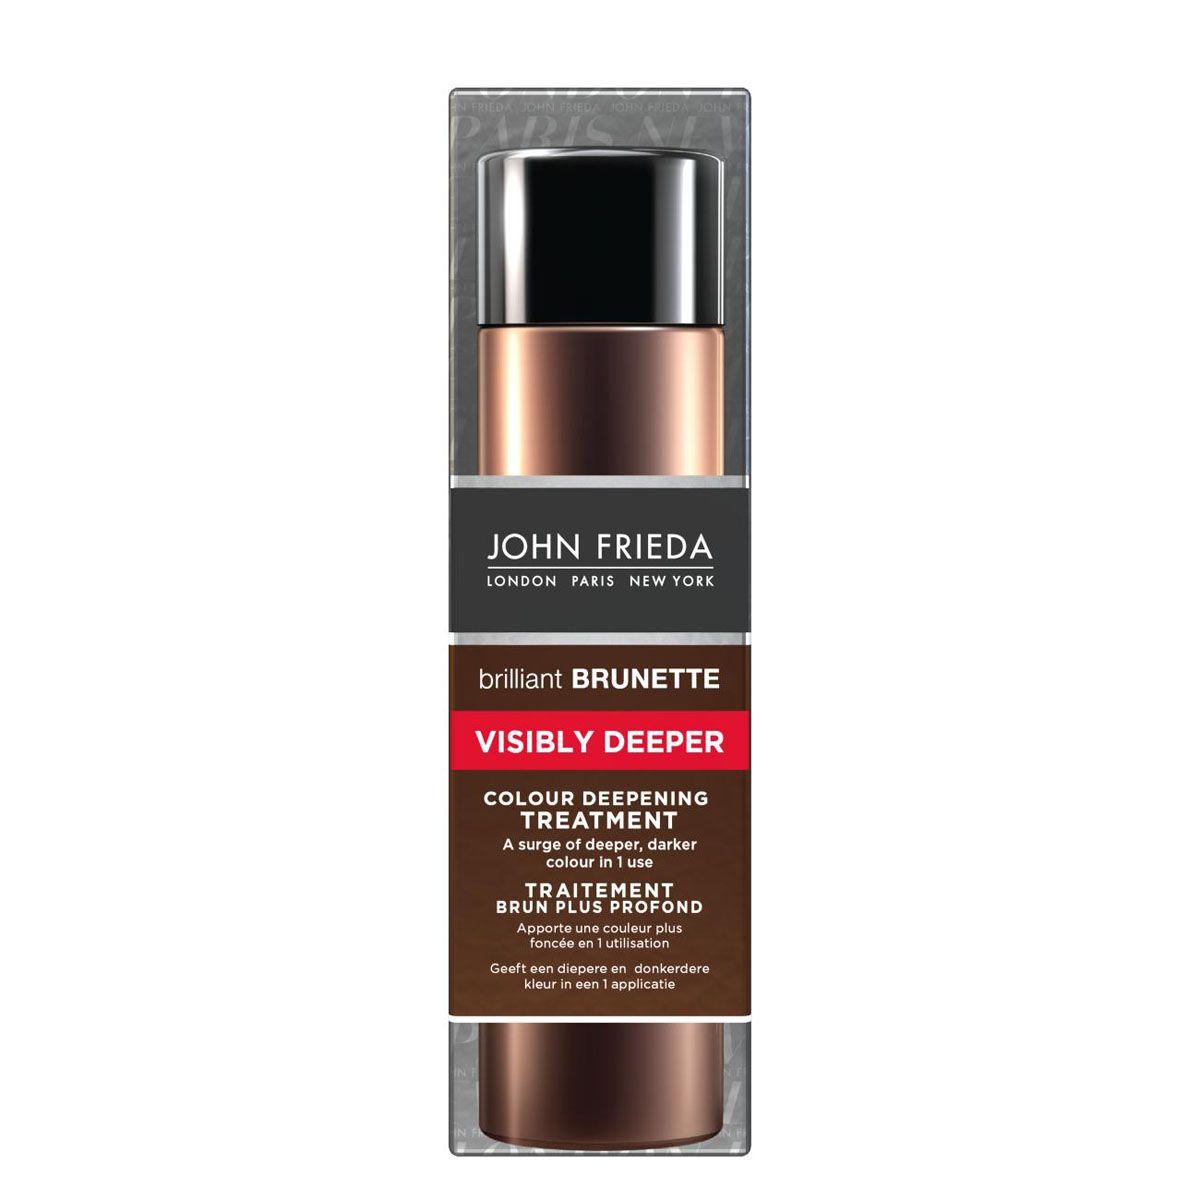 John Frieda Средство для создания насыщенного и глубокого цвета темных волос Brilliant Brunette VISIBLY DEEPER 150 мл